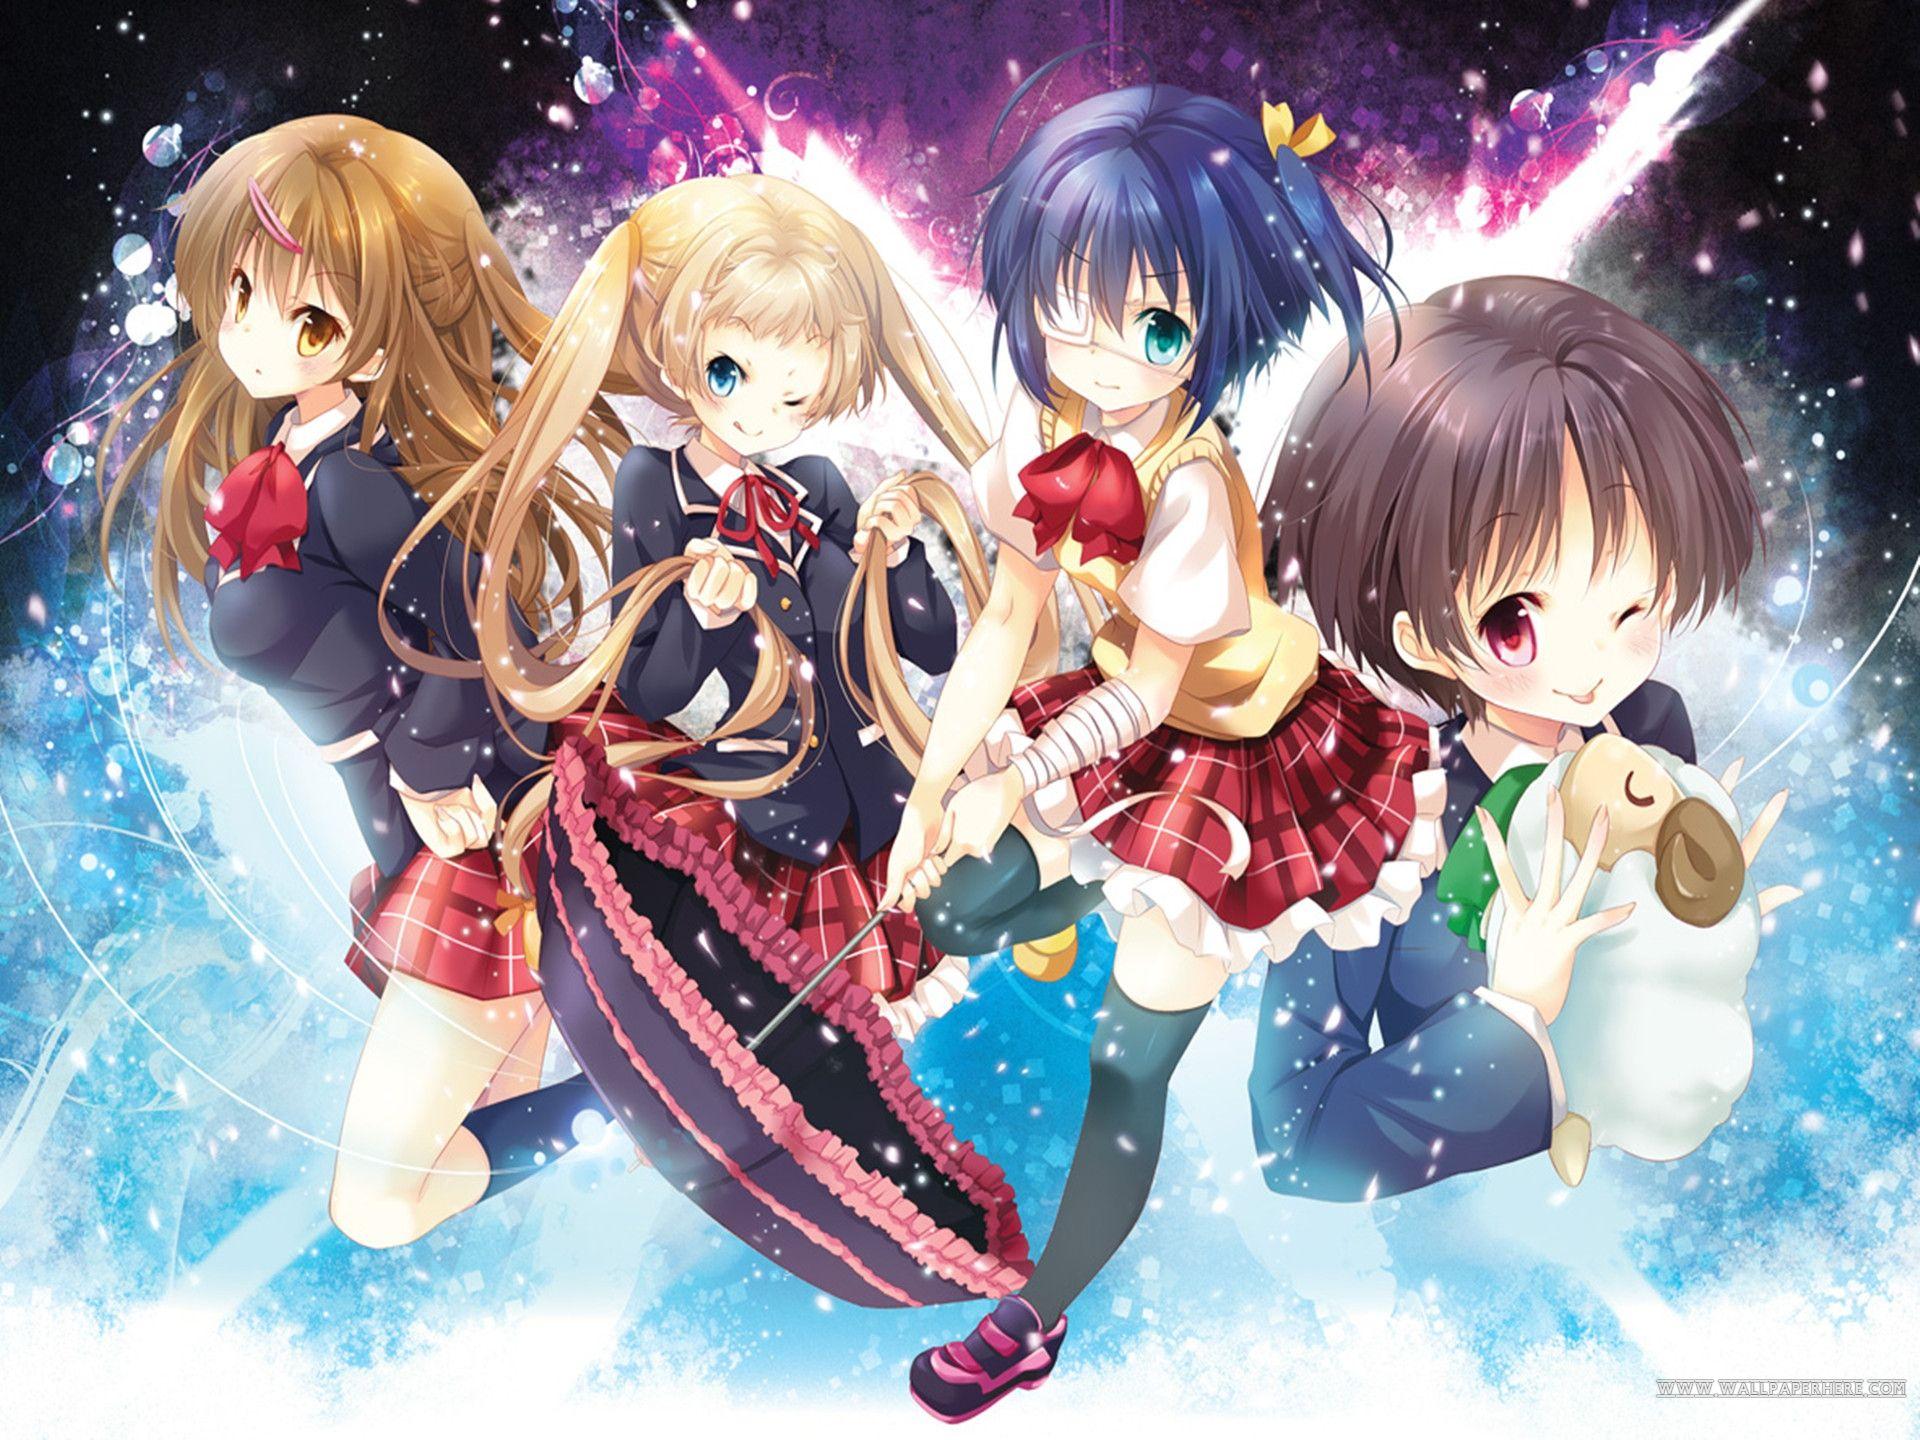 Chunibyō Demo Koi Ga Shitai Fondos De Pantalla Fondos De Escritorio 1920x1440 Id 514142 Anime Arte De Personajes Koi